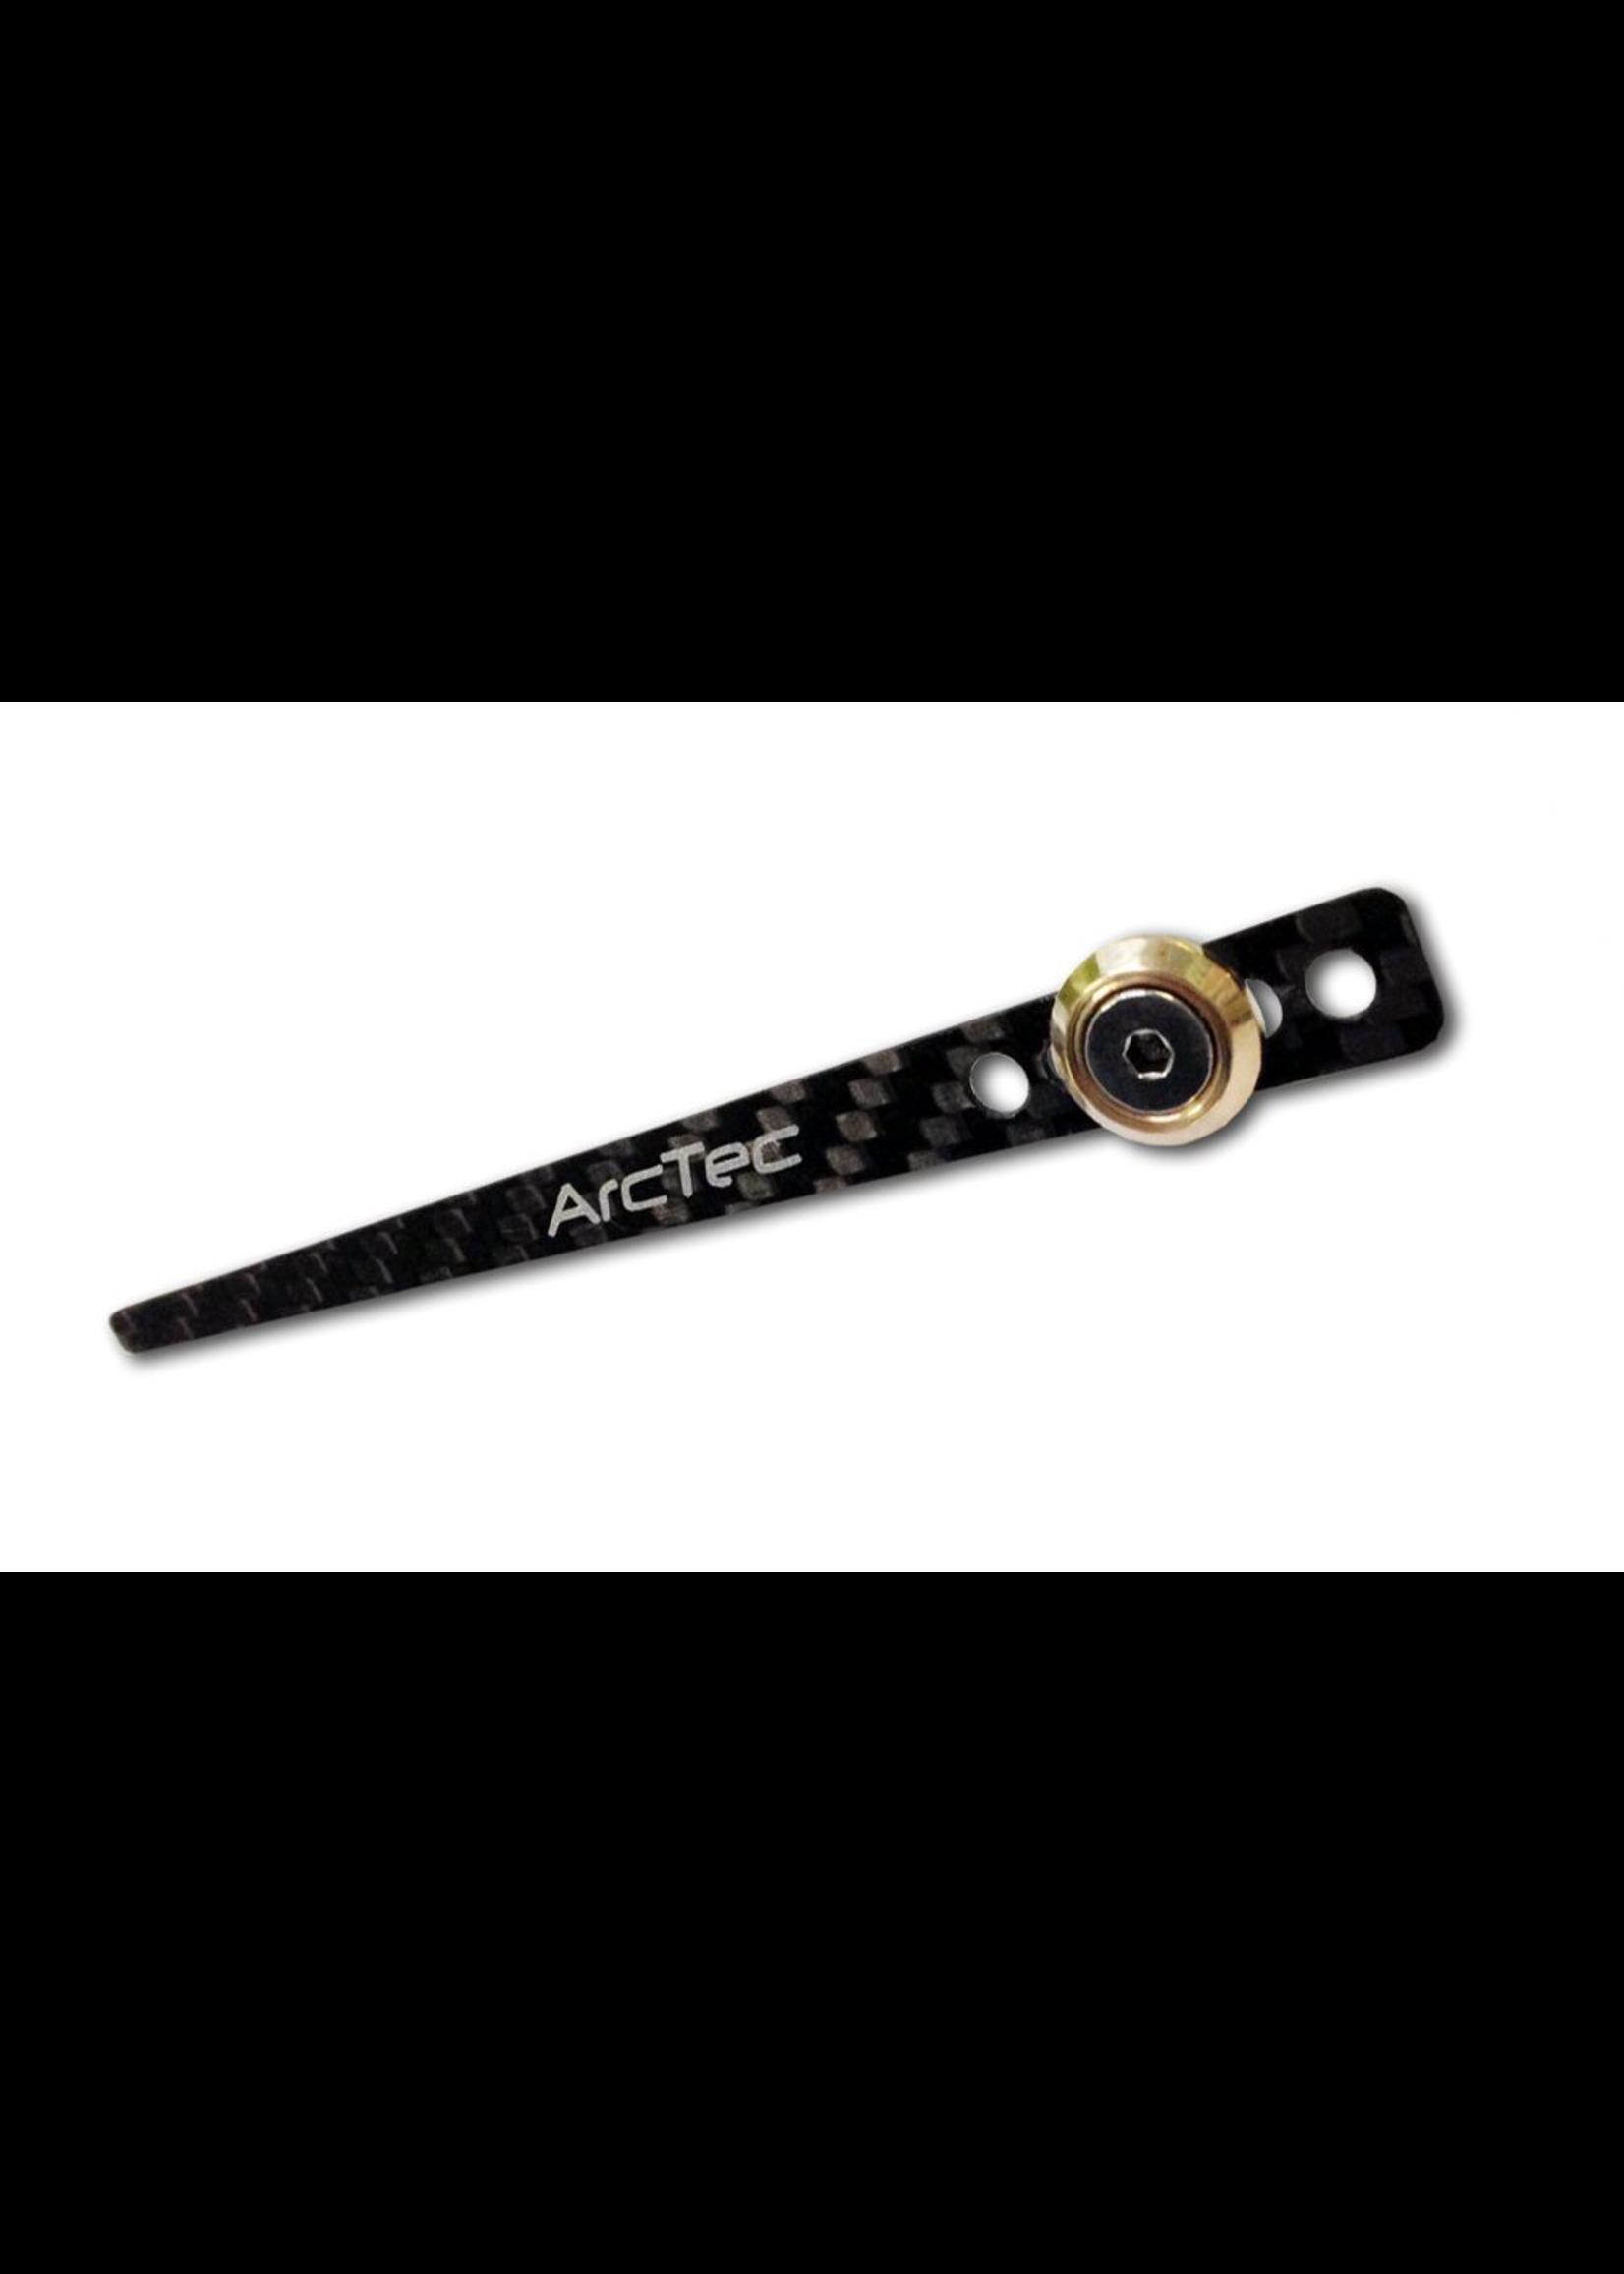 Arctec Arctec Carbon Clicker  6/32